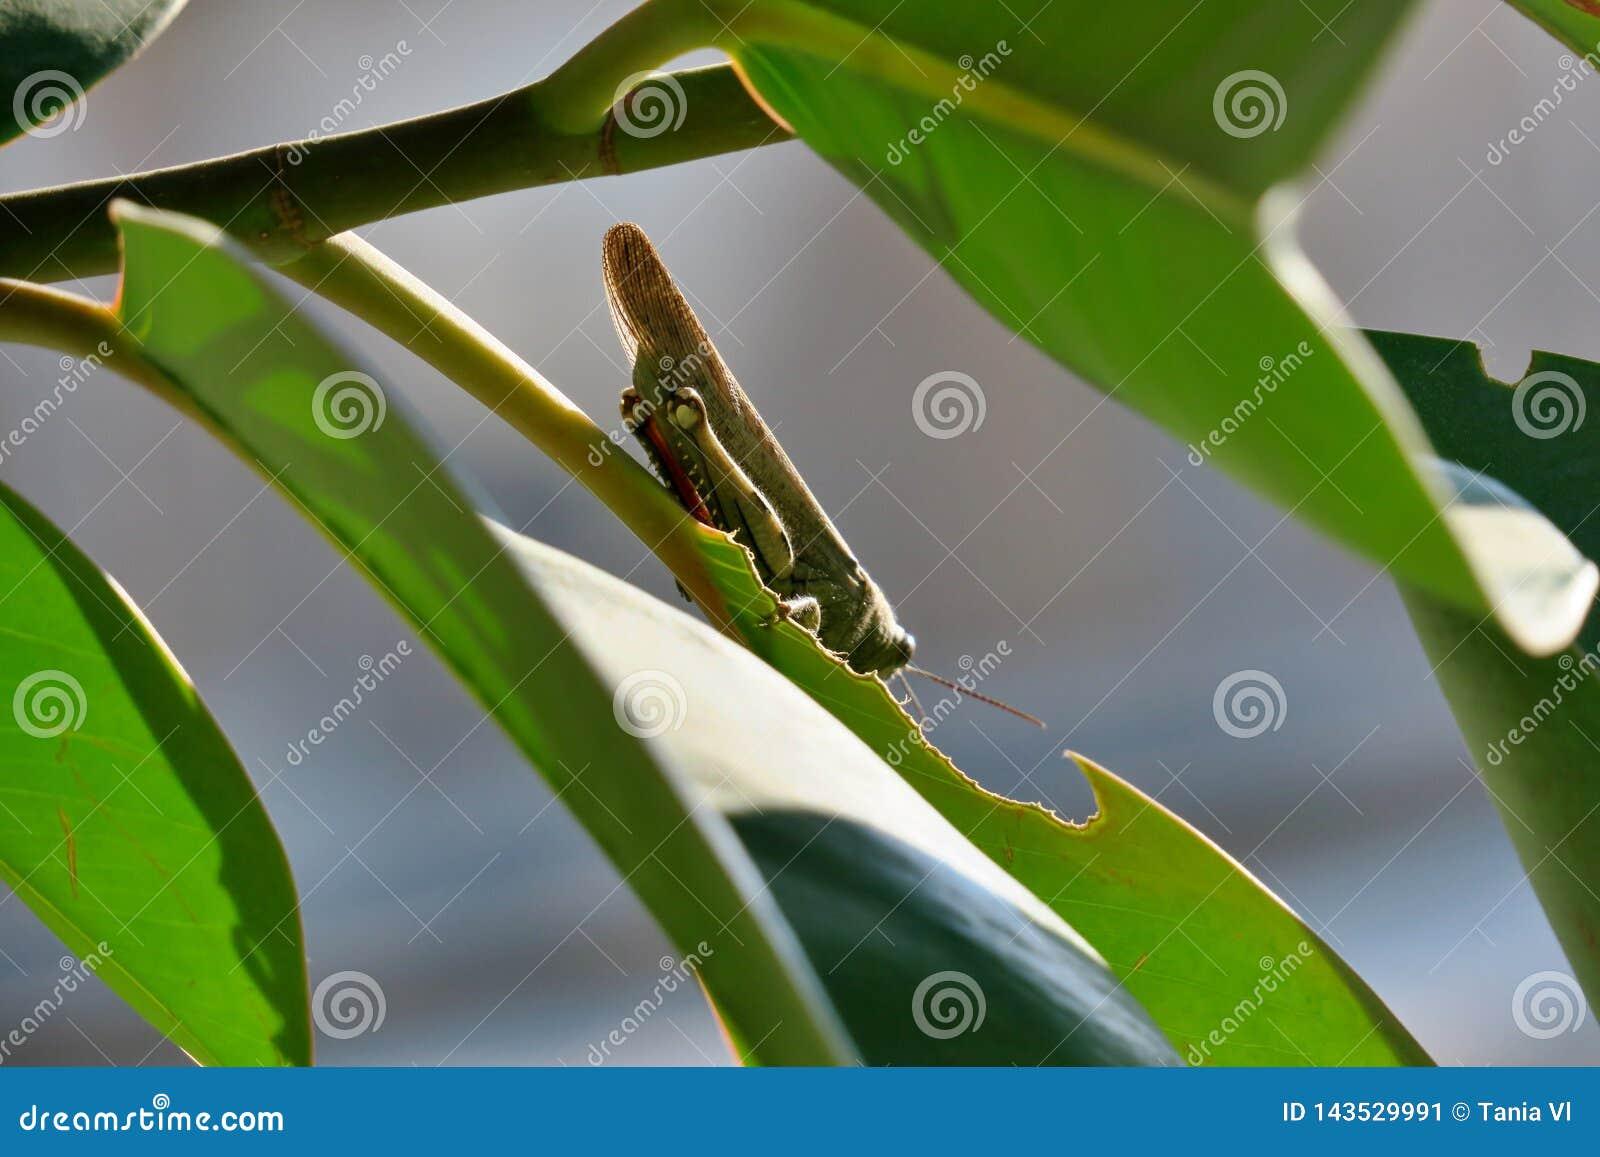 Зеленый кузнечик на дереве есть лист